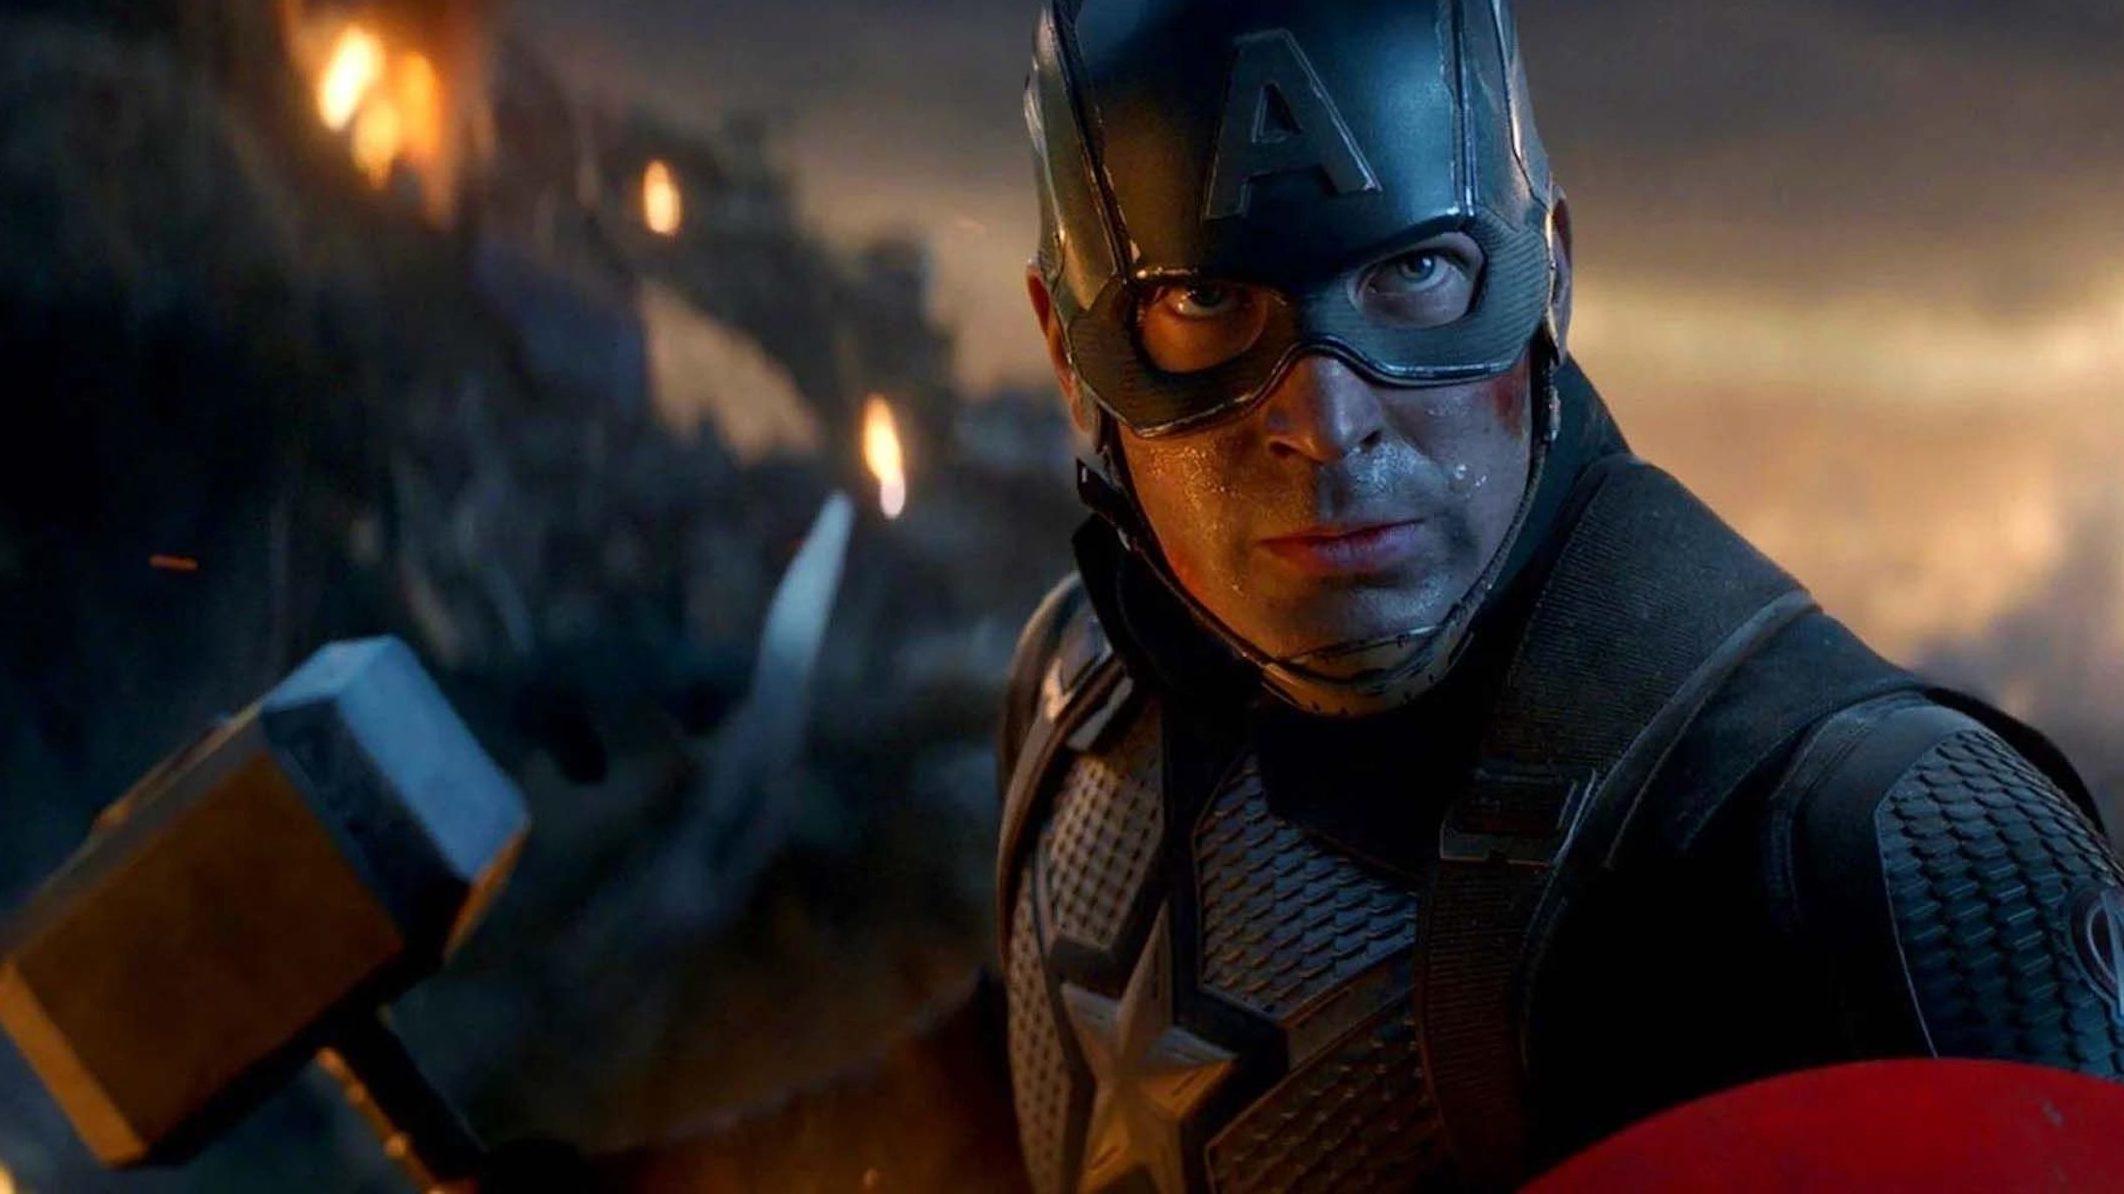 captain america marvel avengers